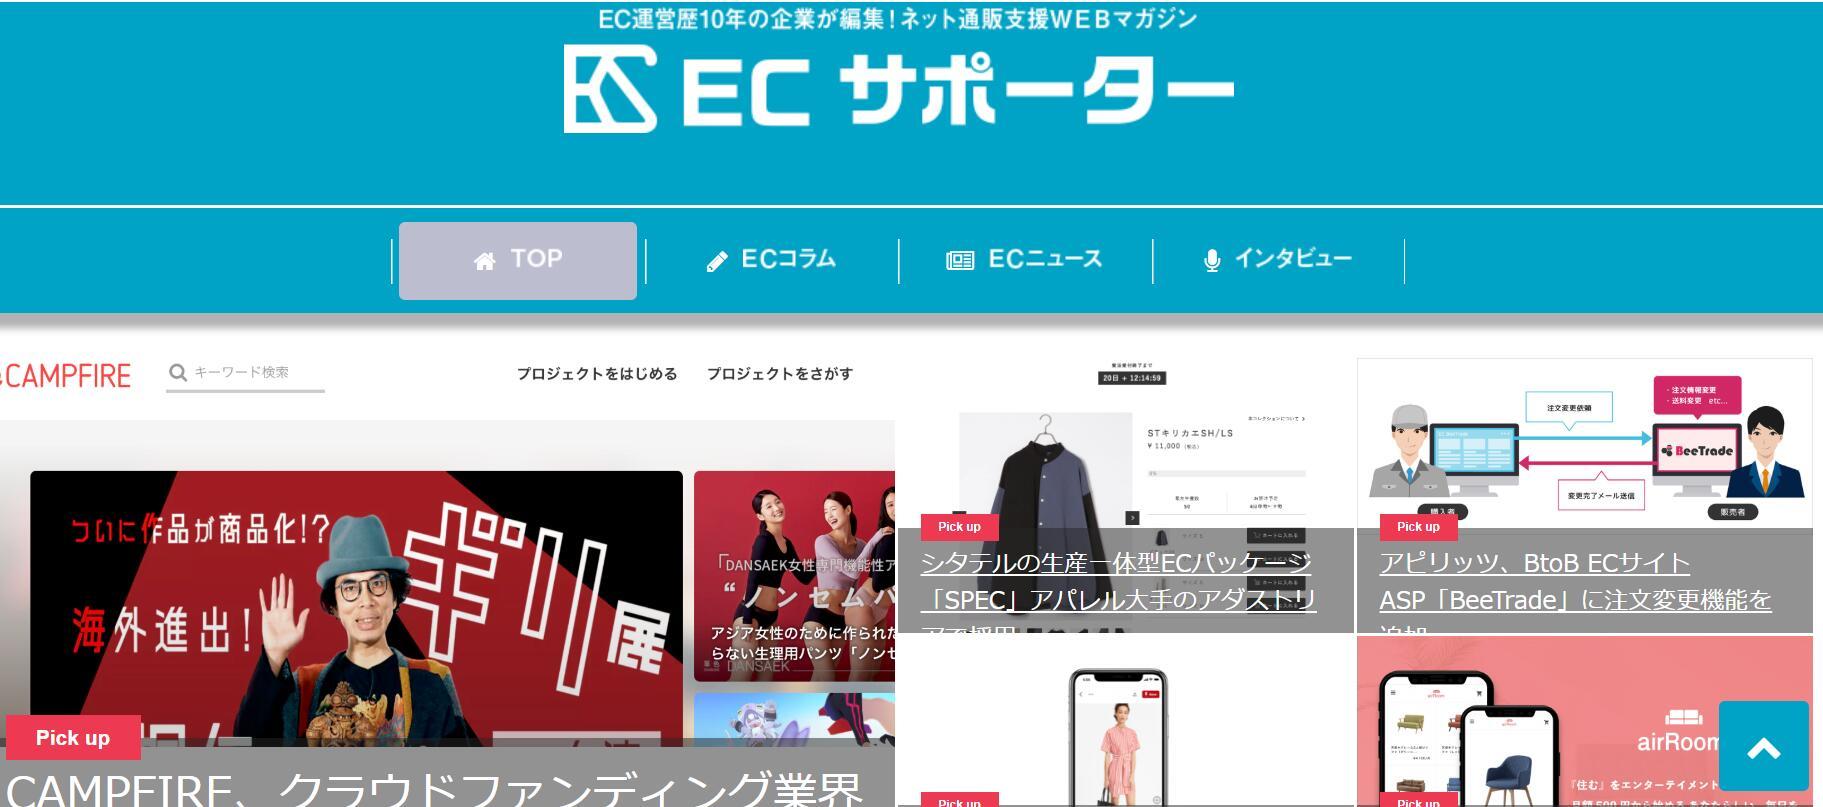 ECサポーター.jpg